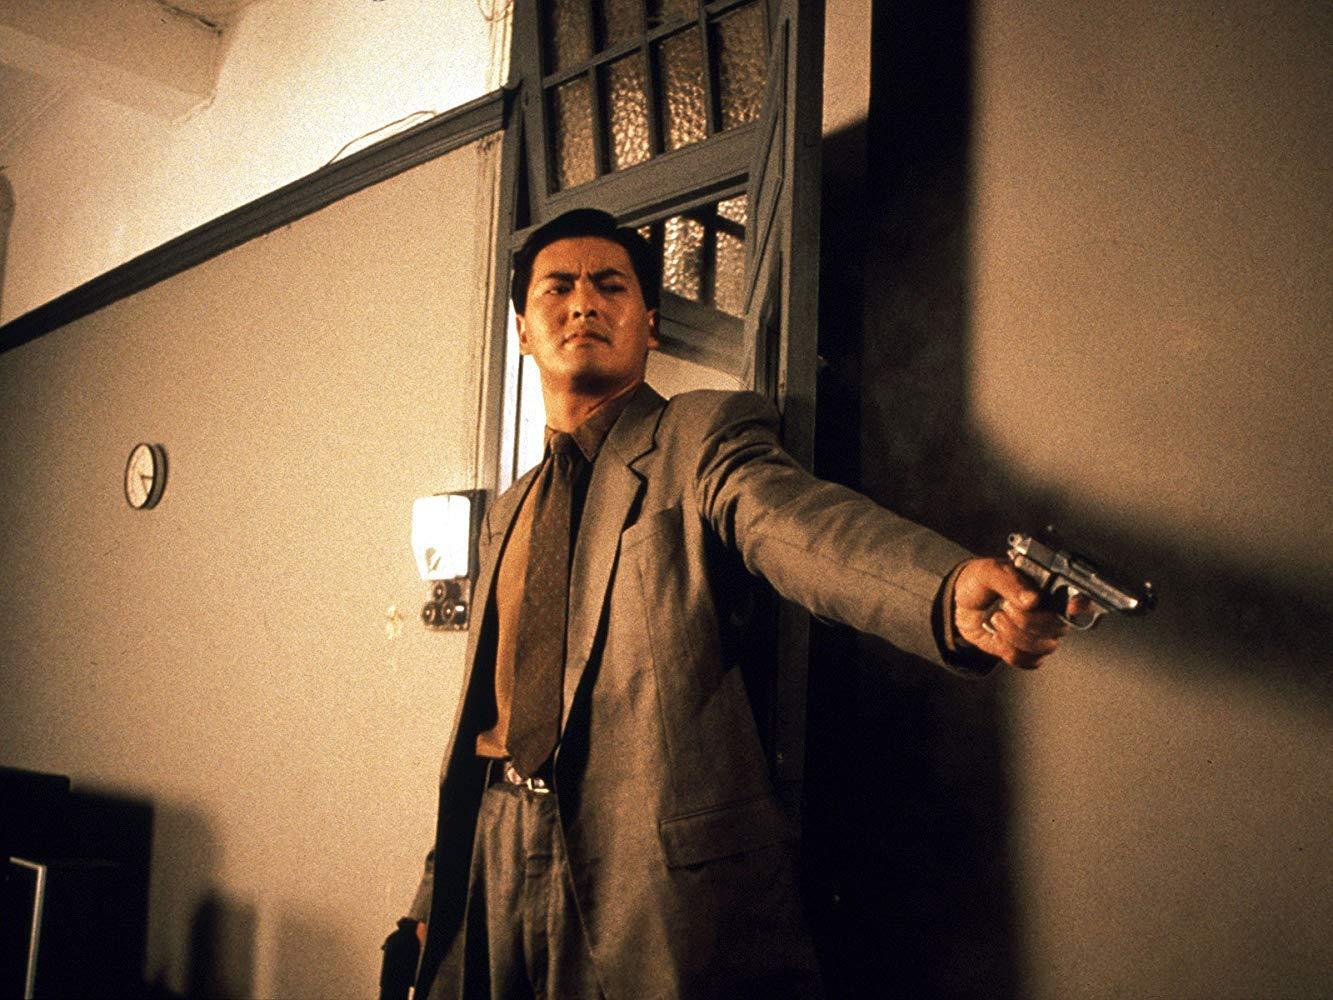 مشاهدة فيلم The Killer 1989 HD مترجم كامل اون لاين